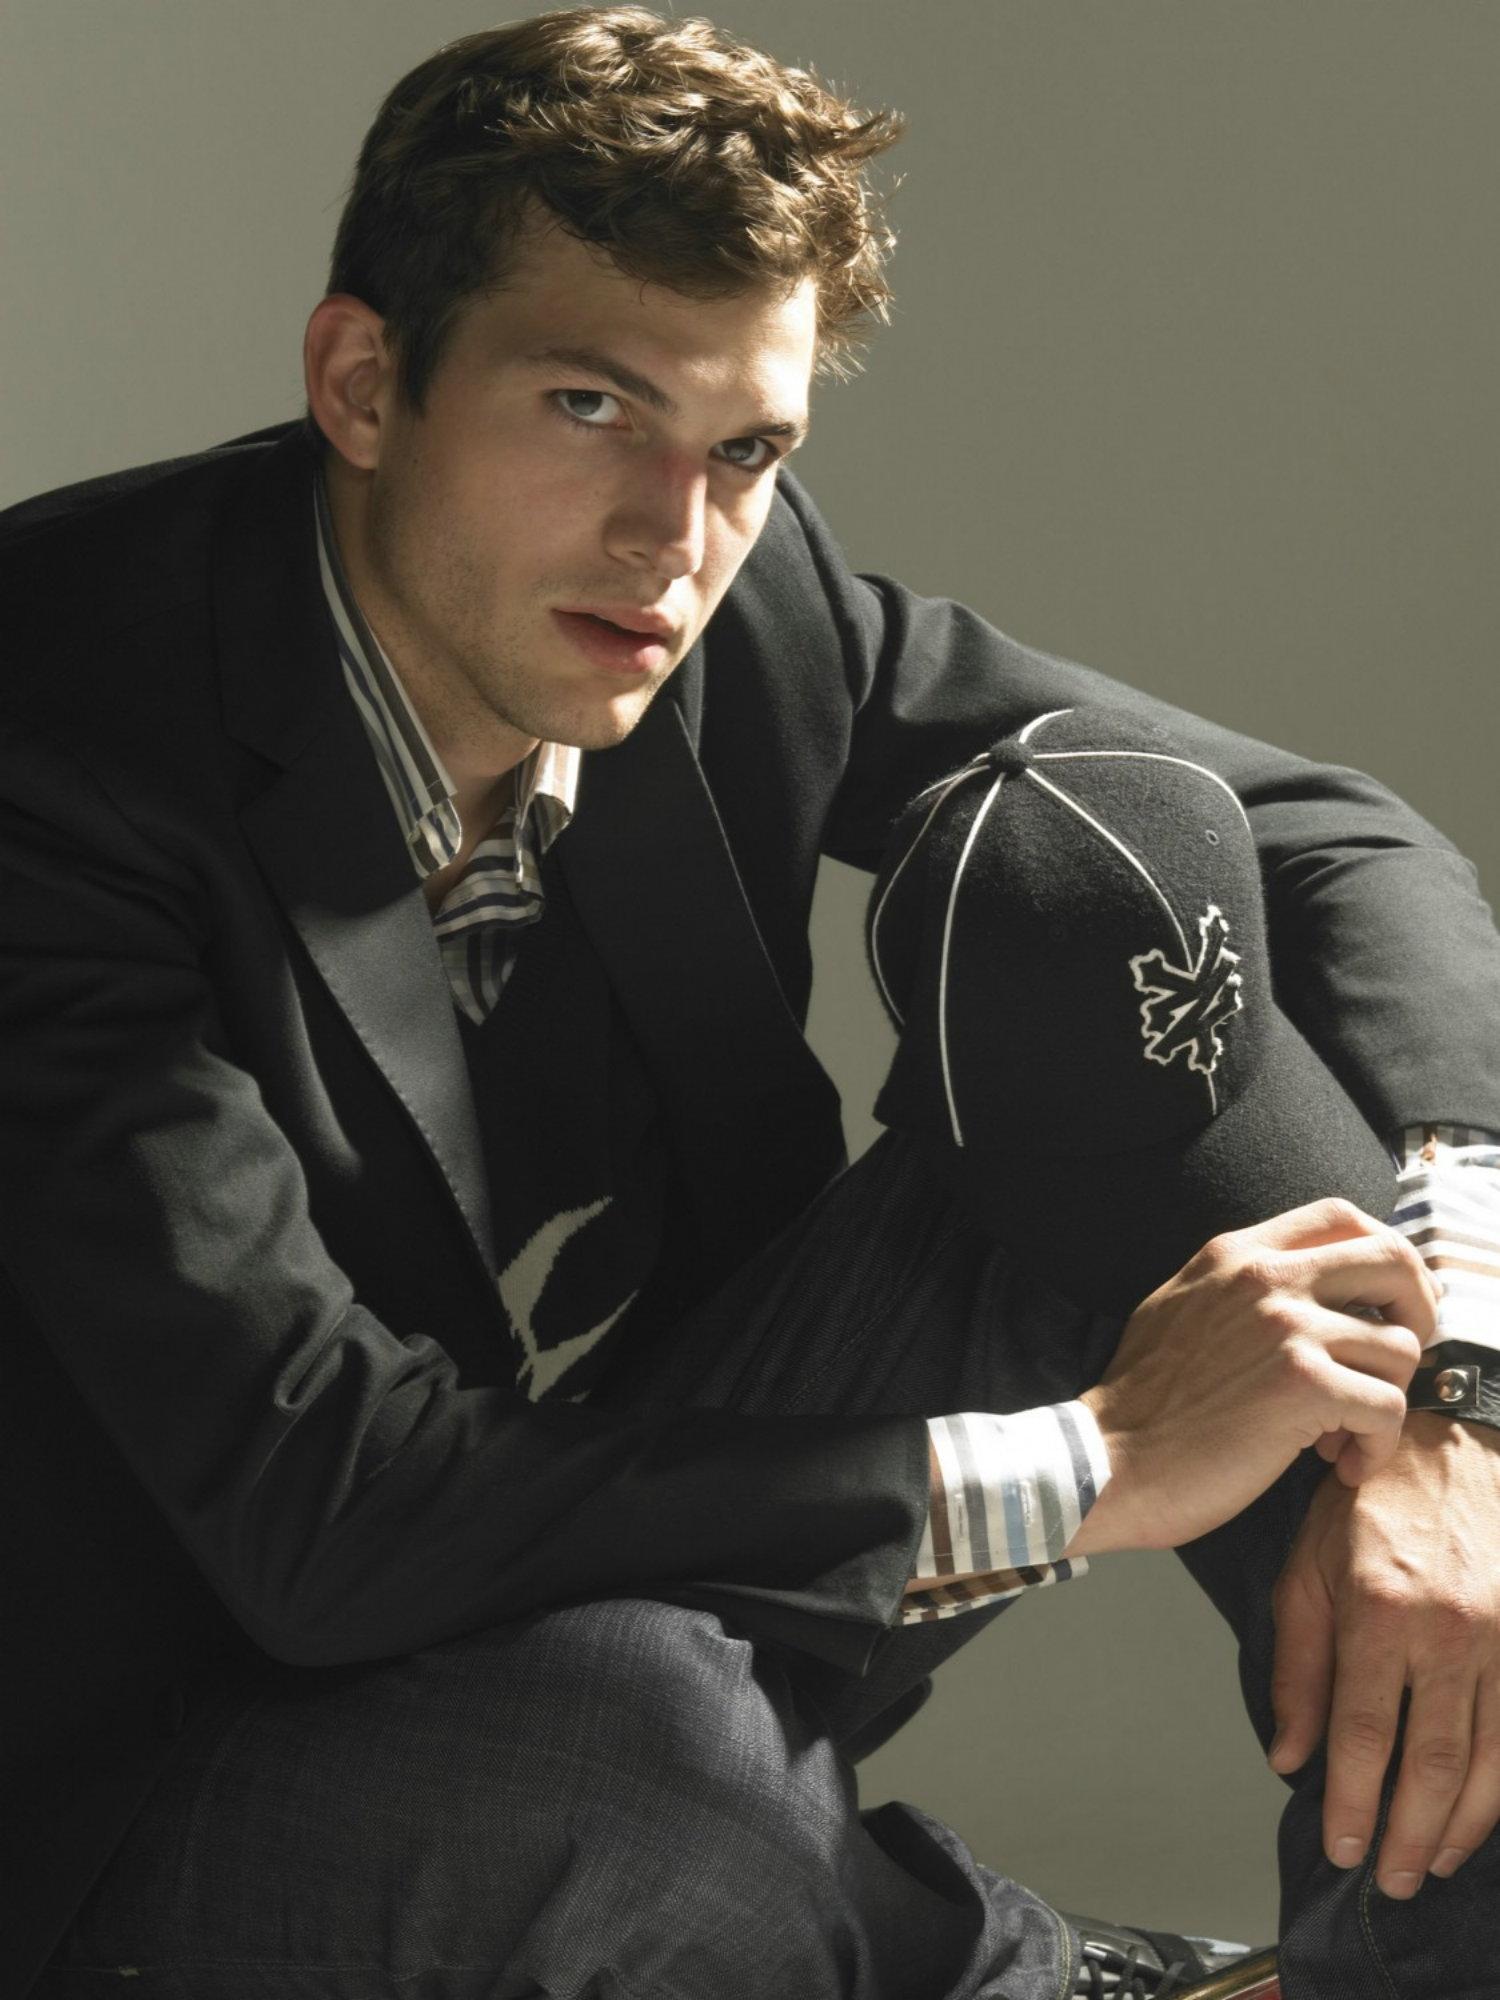 Ashton Kutcher - Ashton Kutcher Photo (2060174) - Fanpop Ashton Kutcher